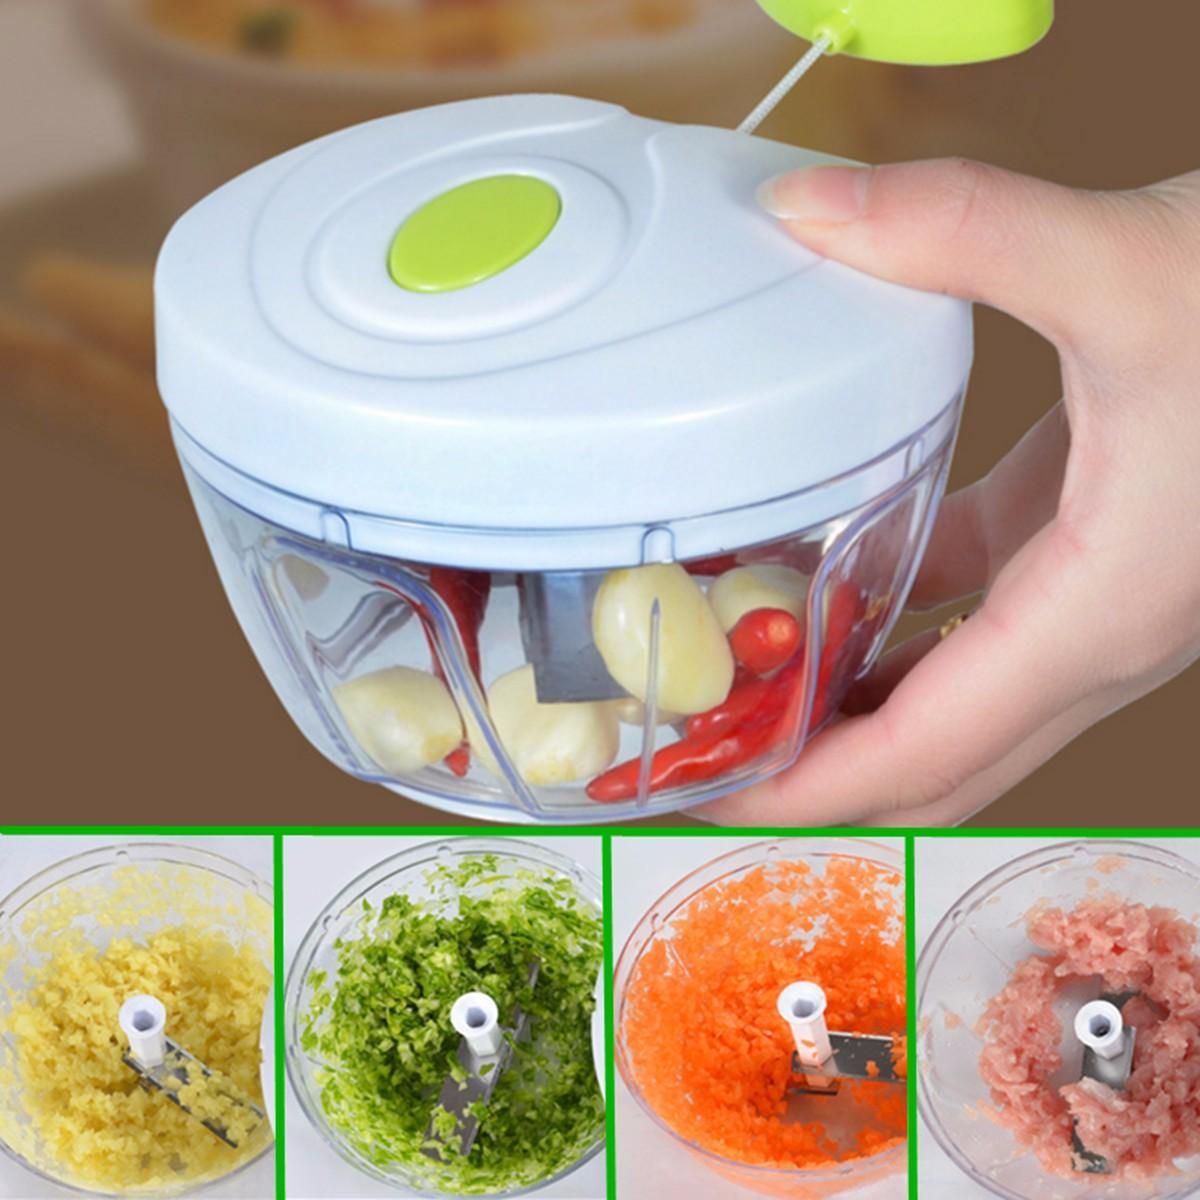 KIT 2 Cortadores  de Legumes Processador de Alimentos Triturador Cortador Manual Picador Cortador Legumes